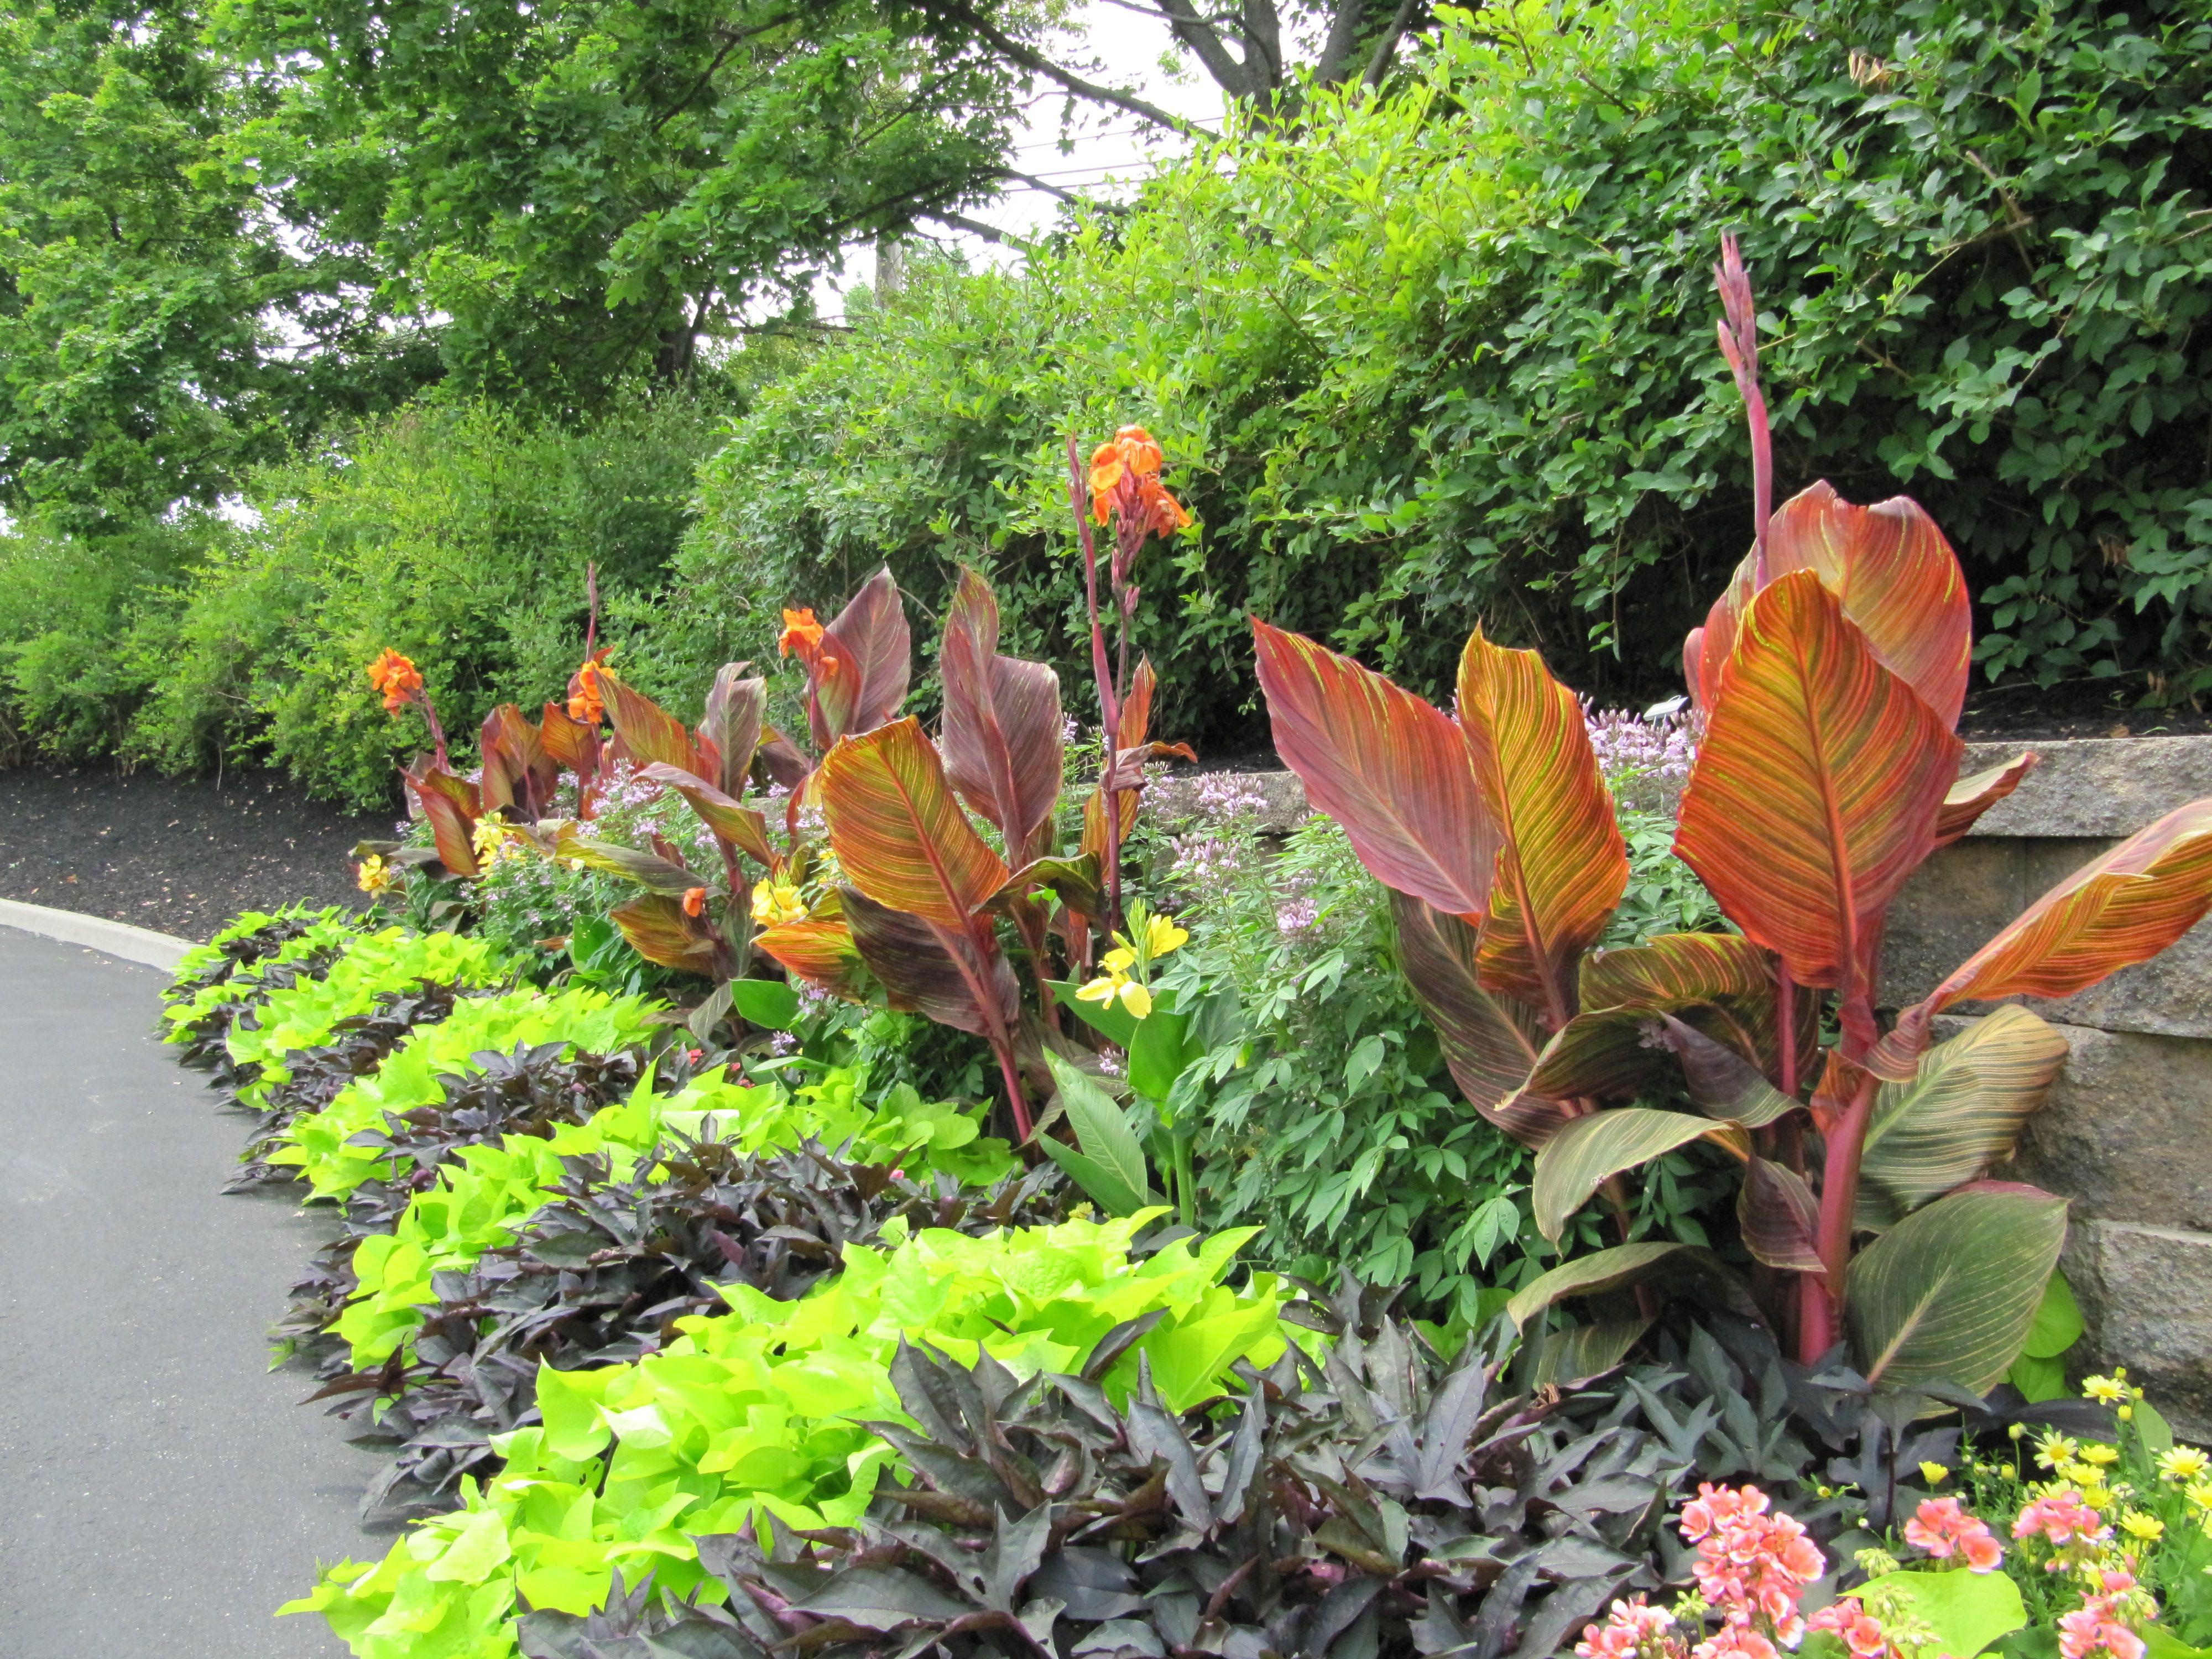 Lovable Tropical Garden Ideas Adelaide and tropical garden ...